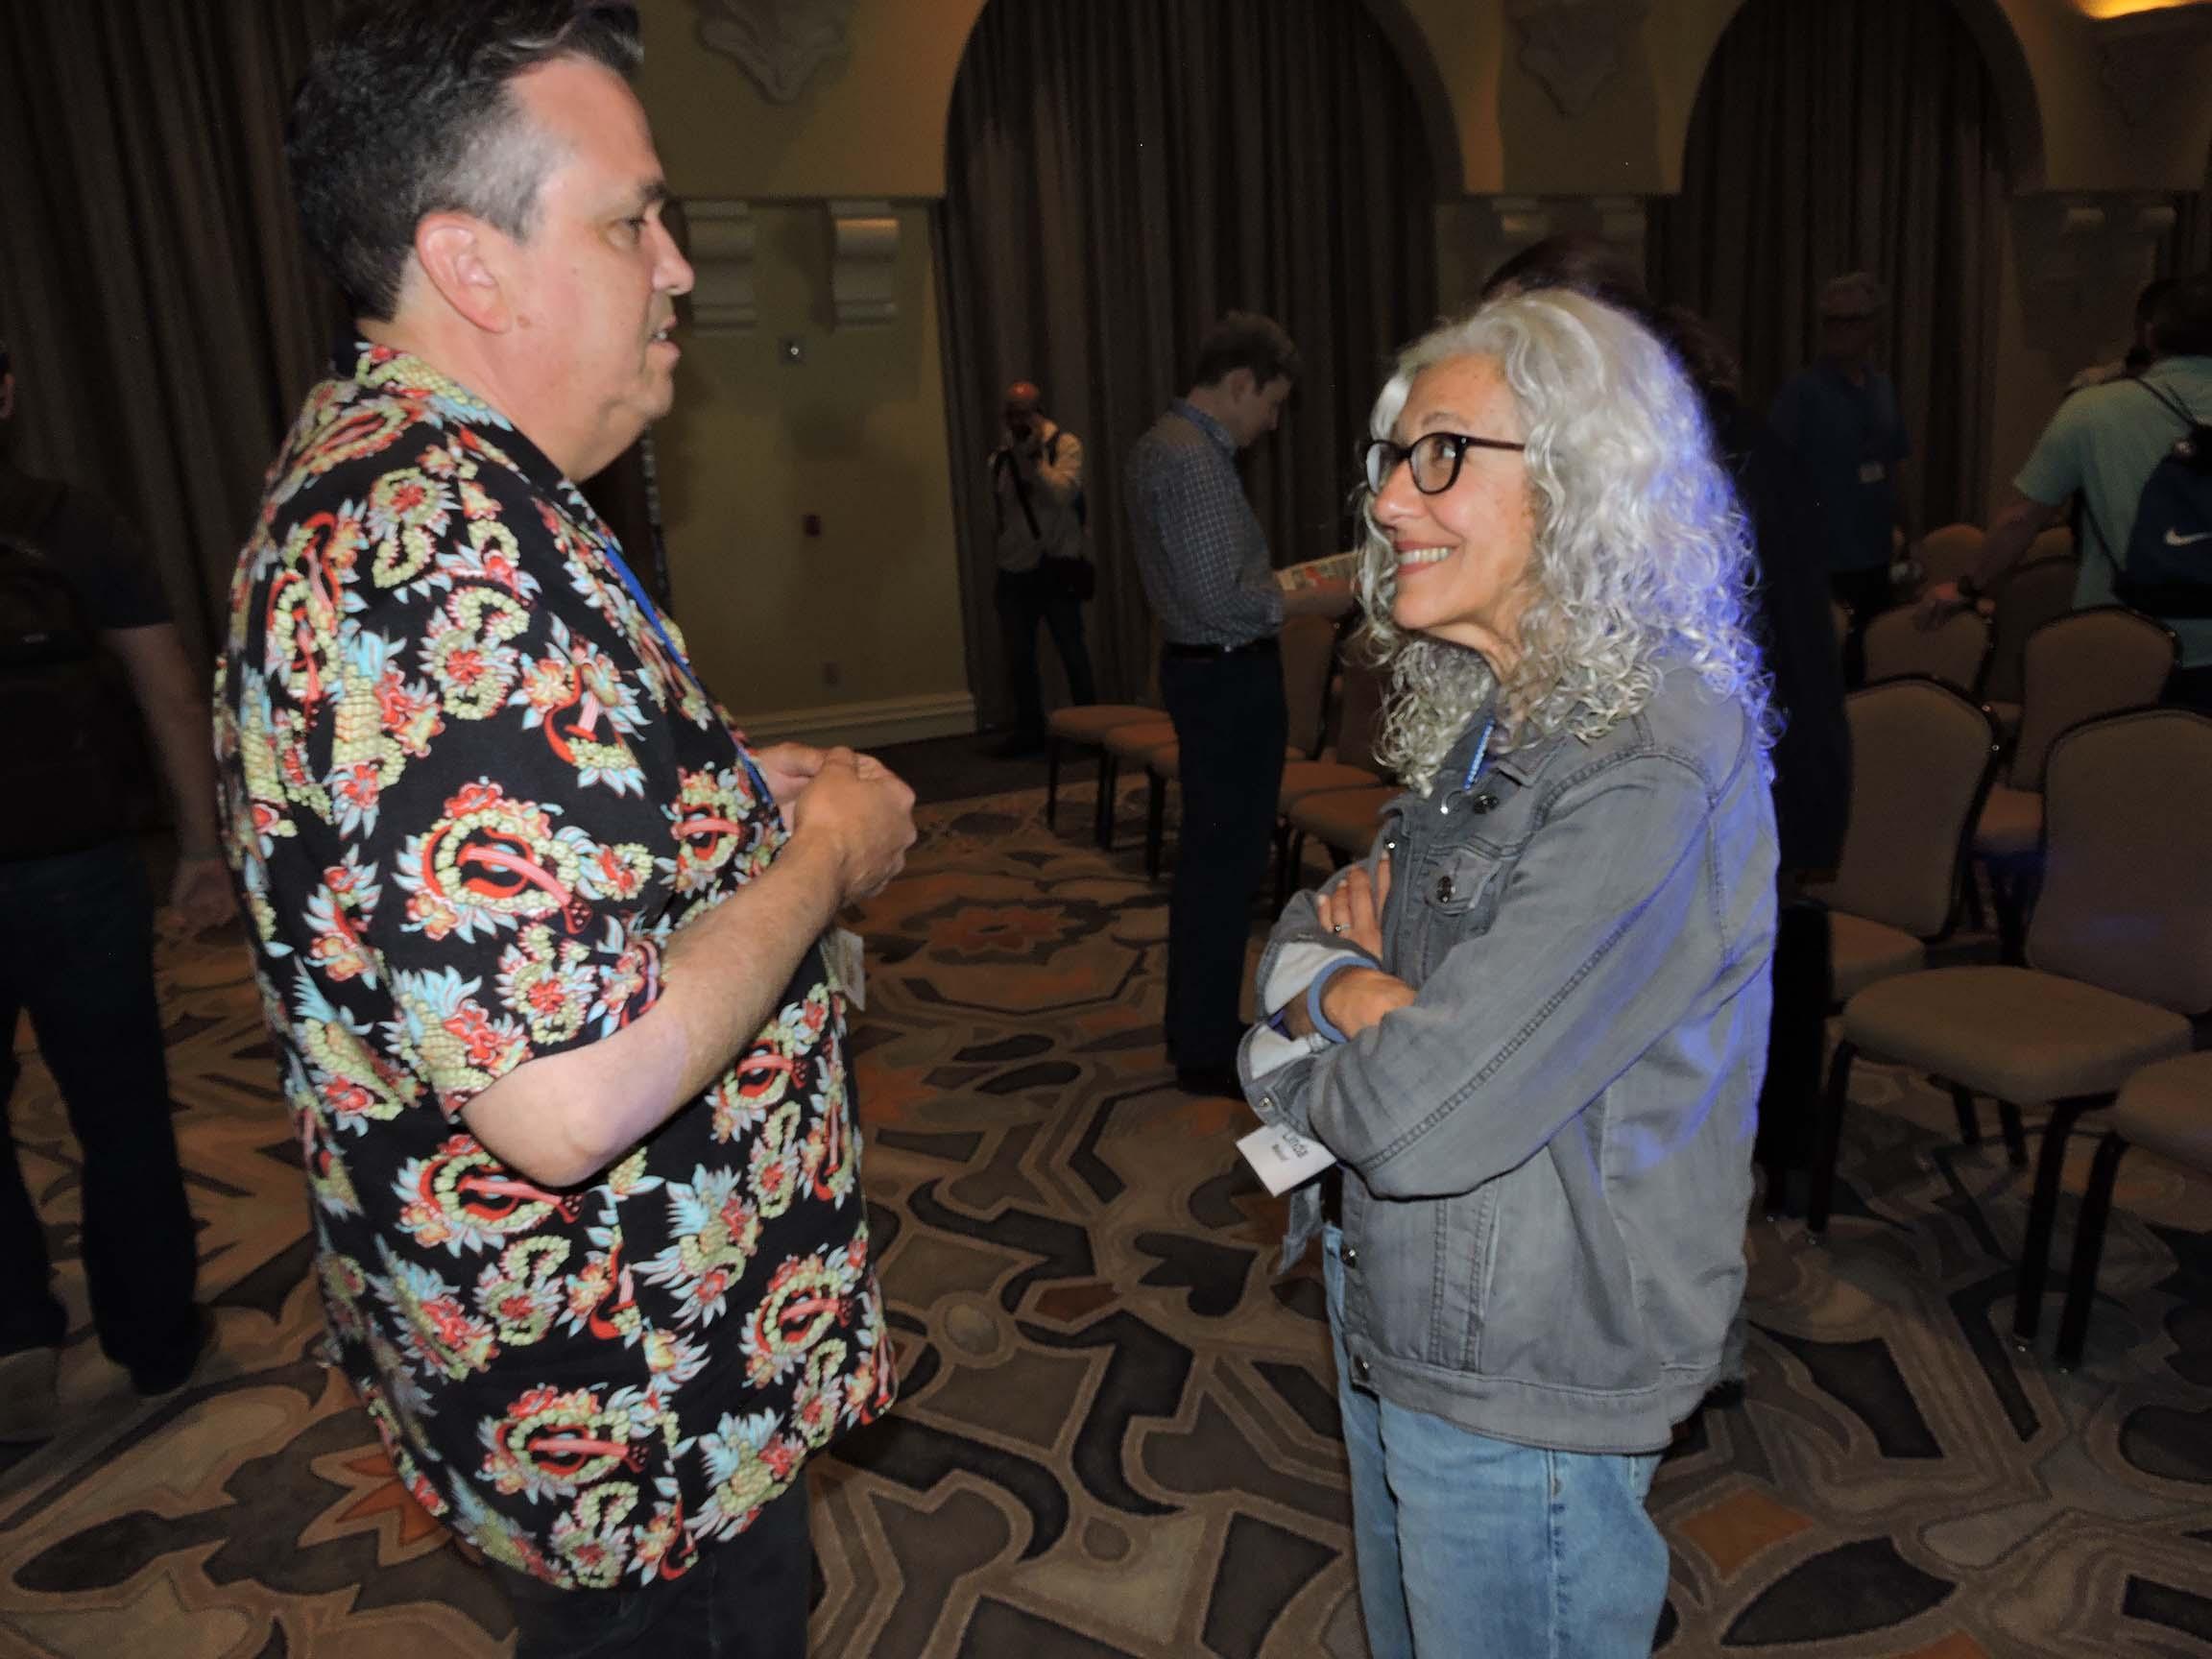 Bill Morrison and Linda Maloof